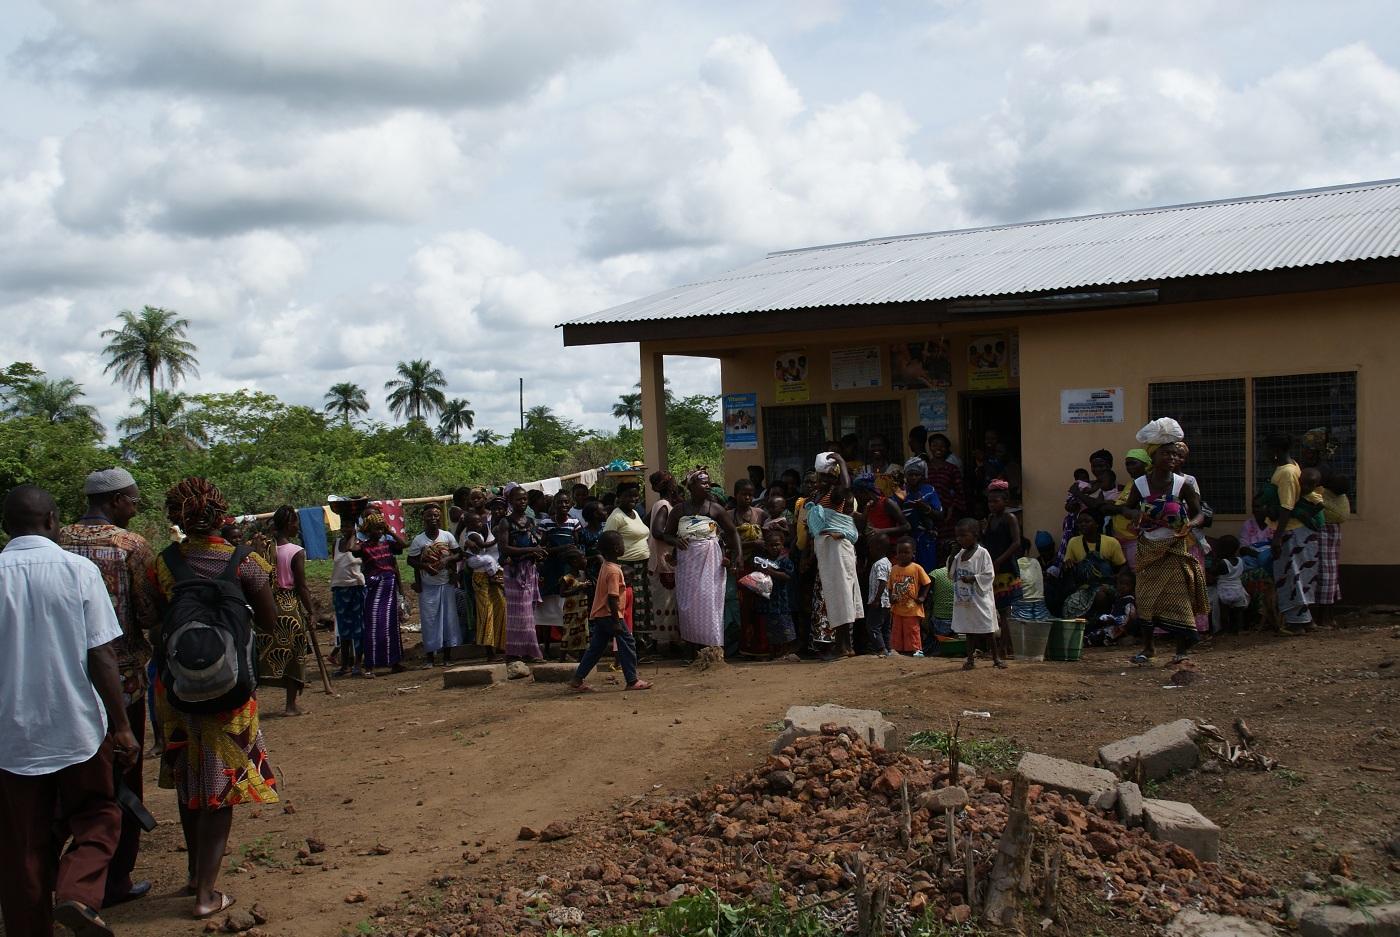 Das Hospital von Serabu soll die notwendige medizinische Versorgung erhalten